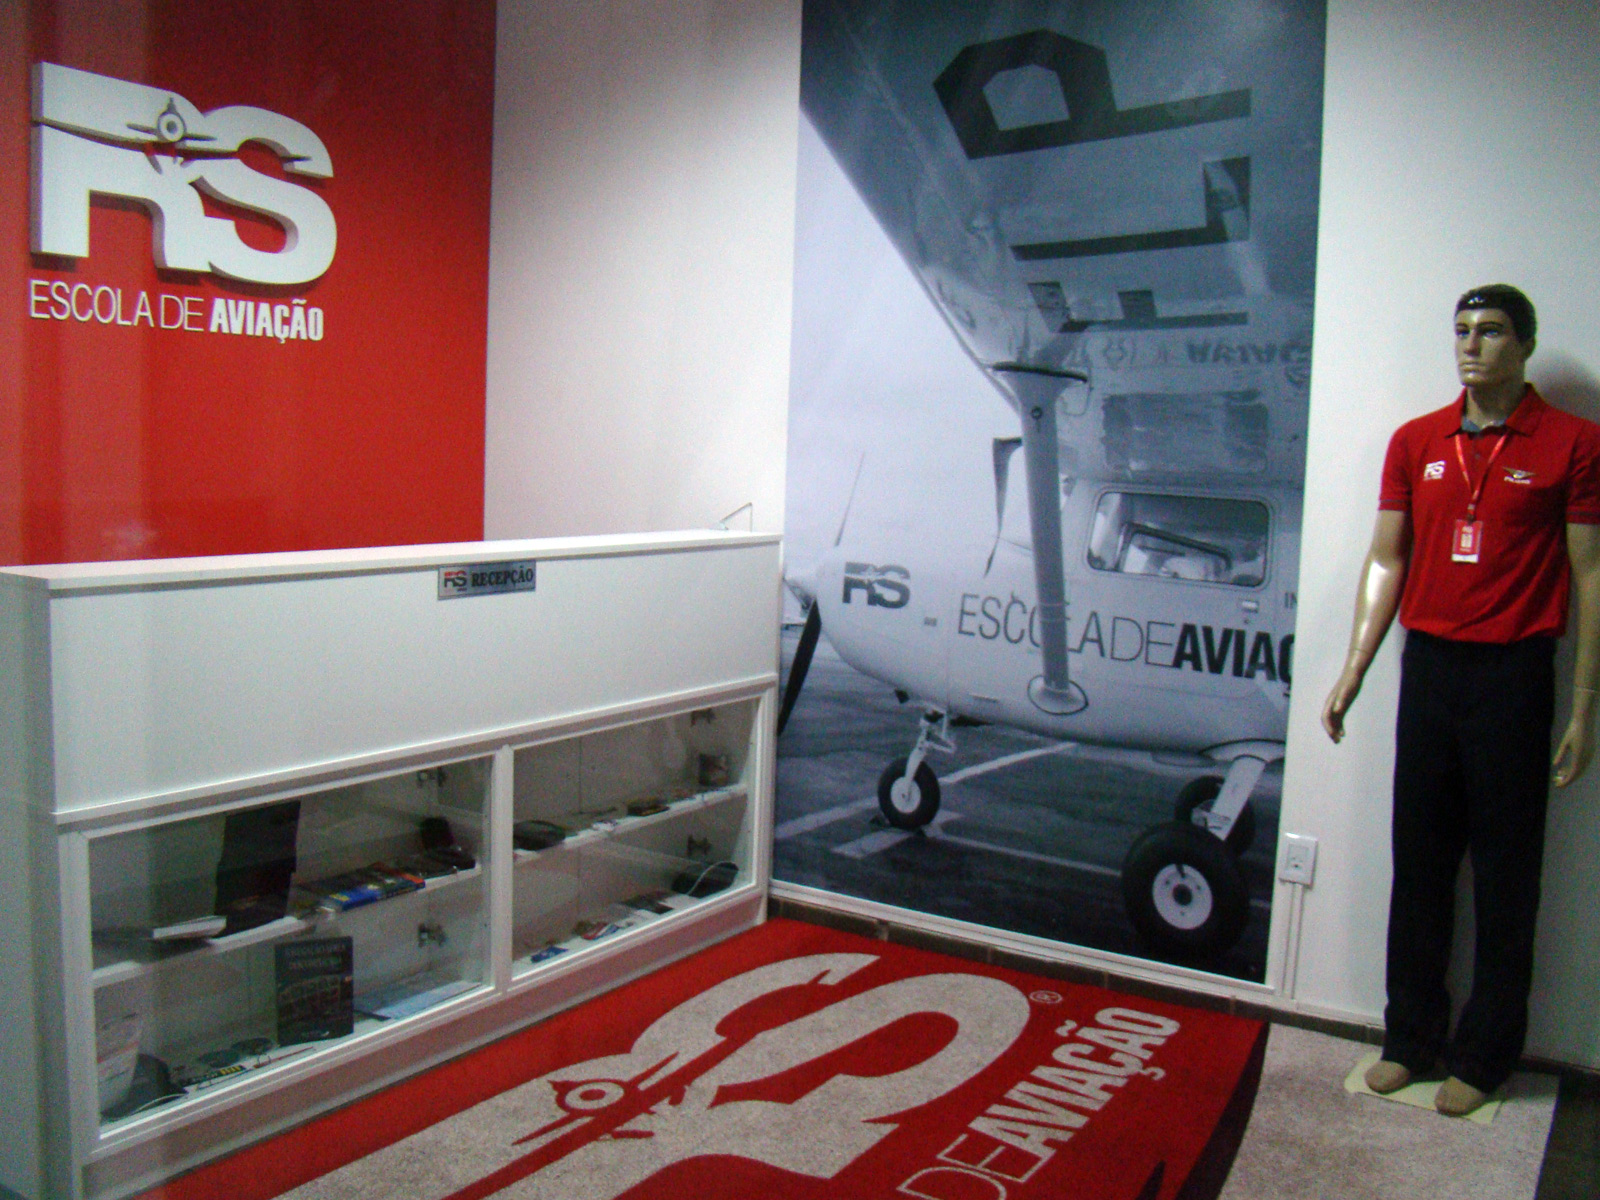 RS Escola de Aviação